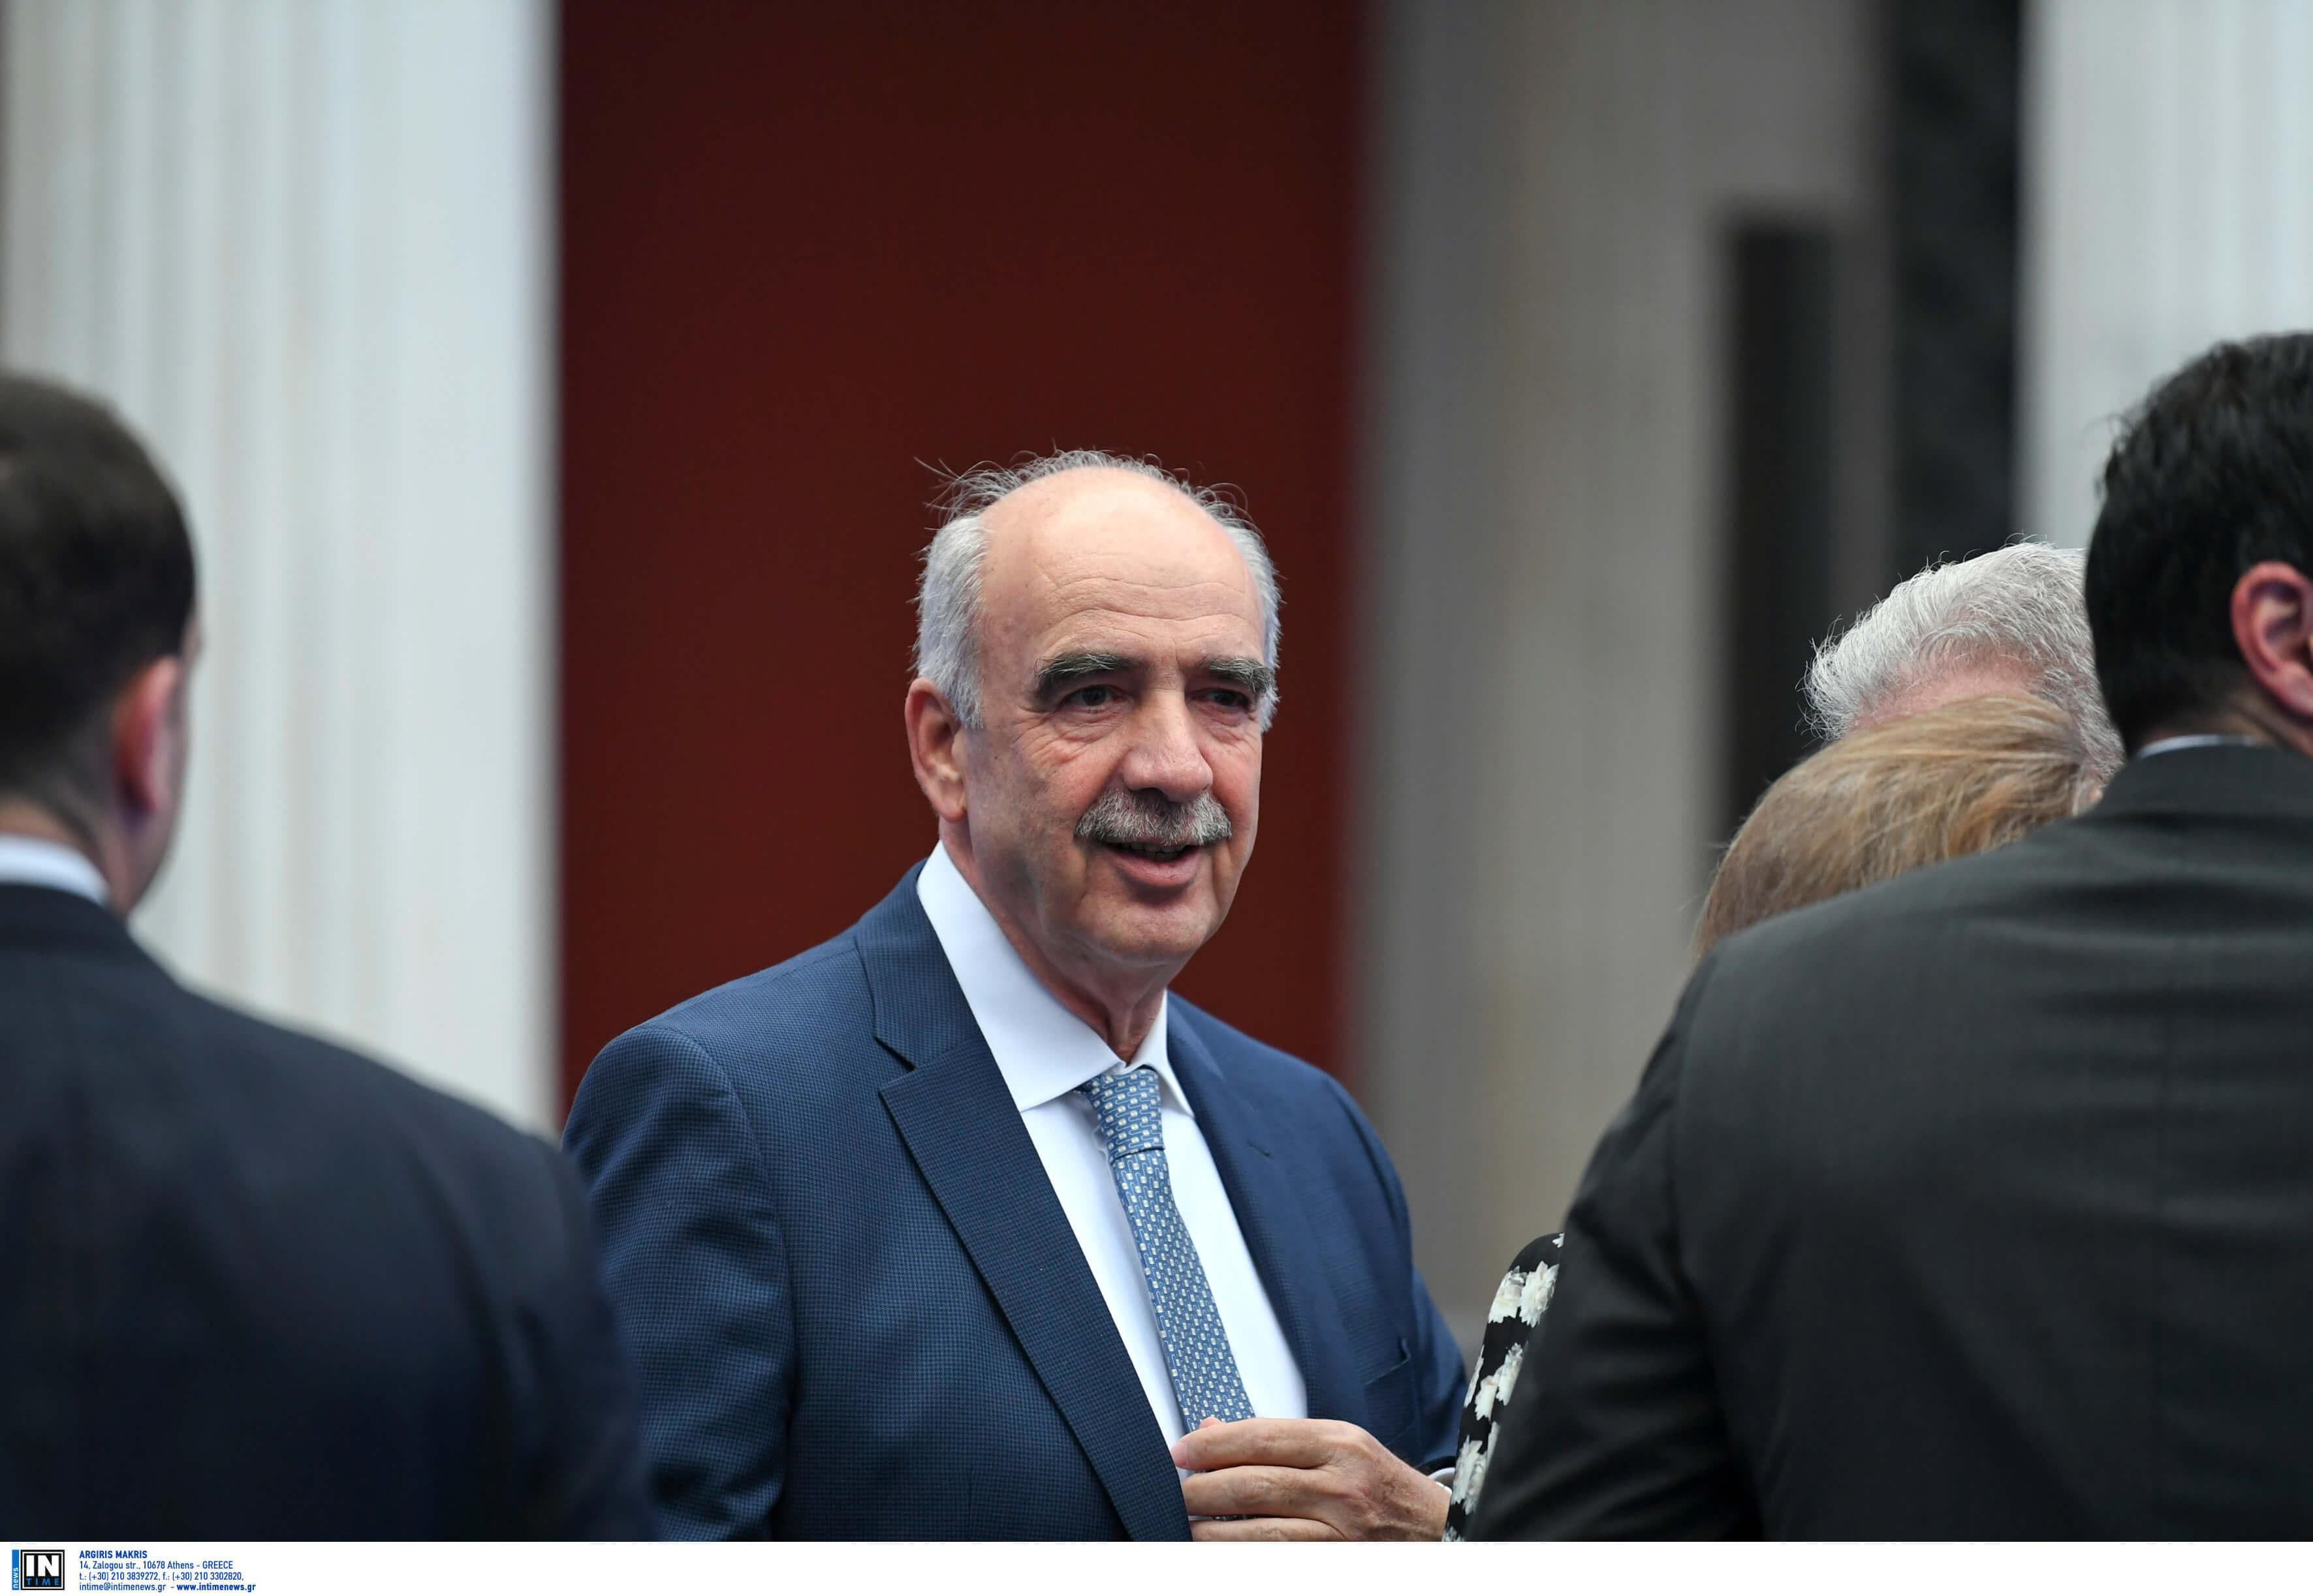 Μεϊμαράκης: Το διακύβευμα είναι να φτάσουμε όλοι όρθιοι στην επόμενη μέρα